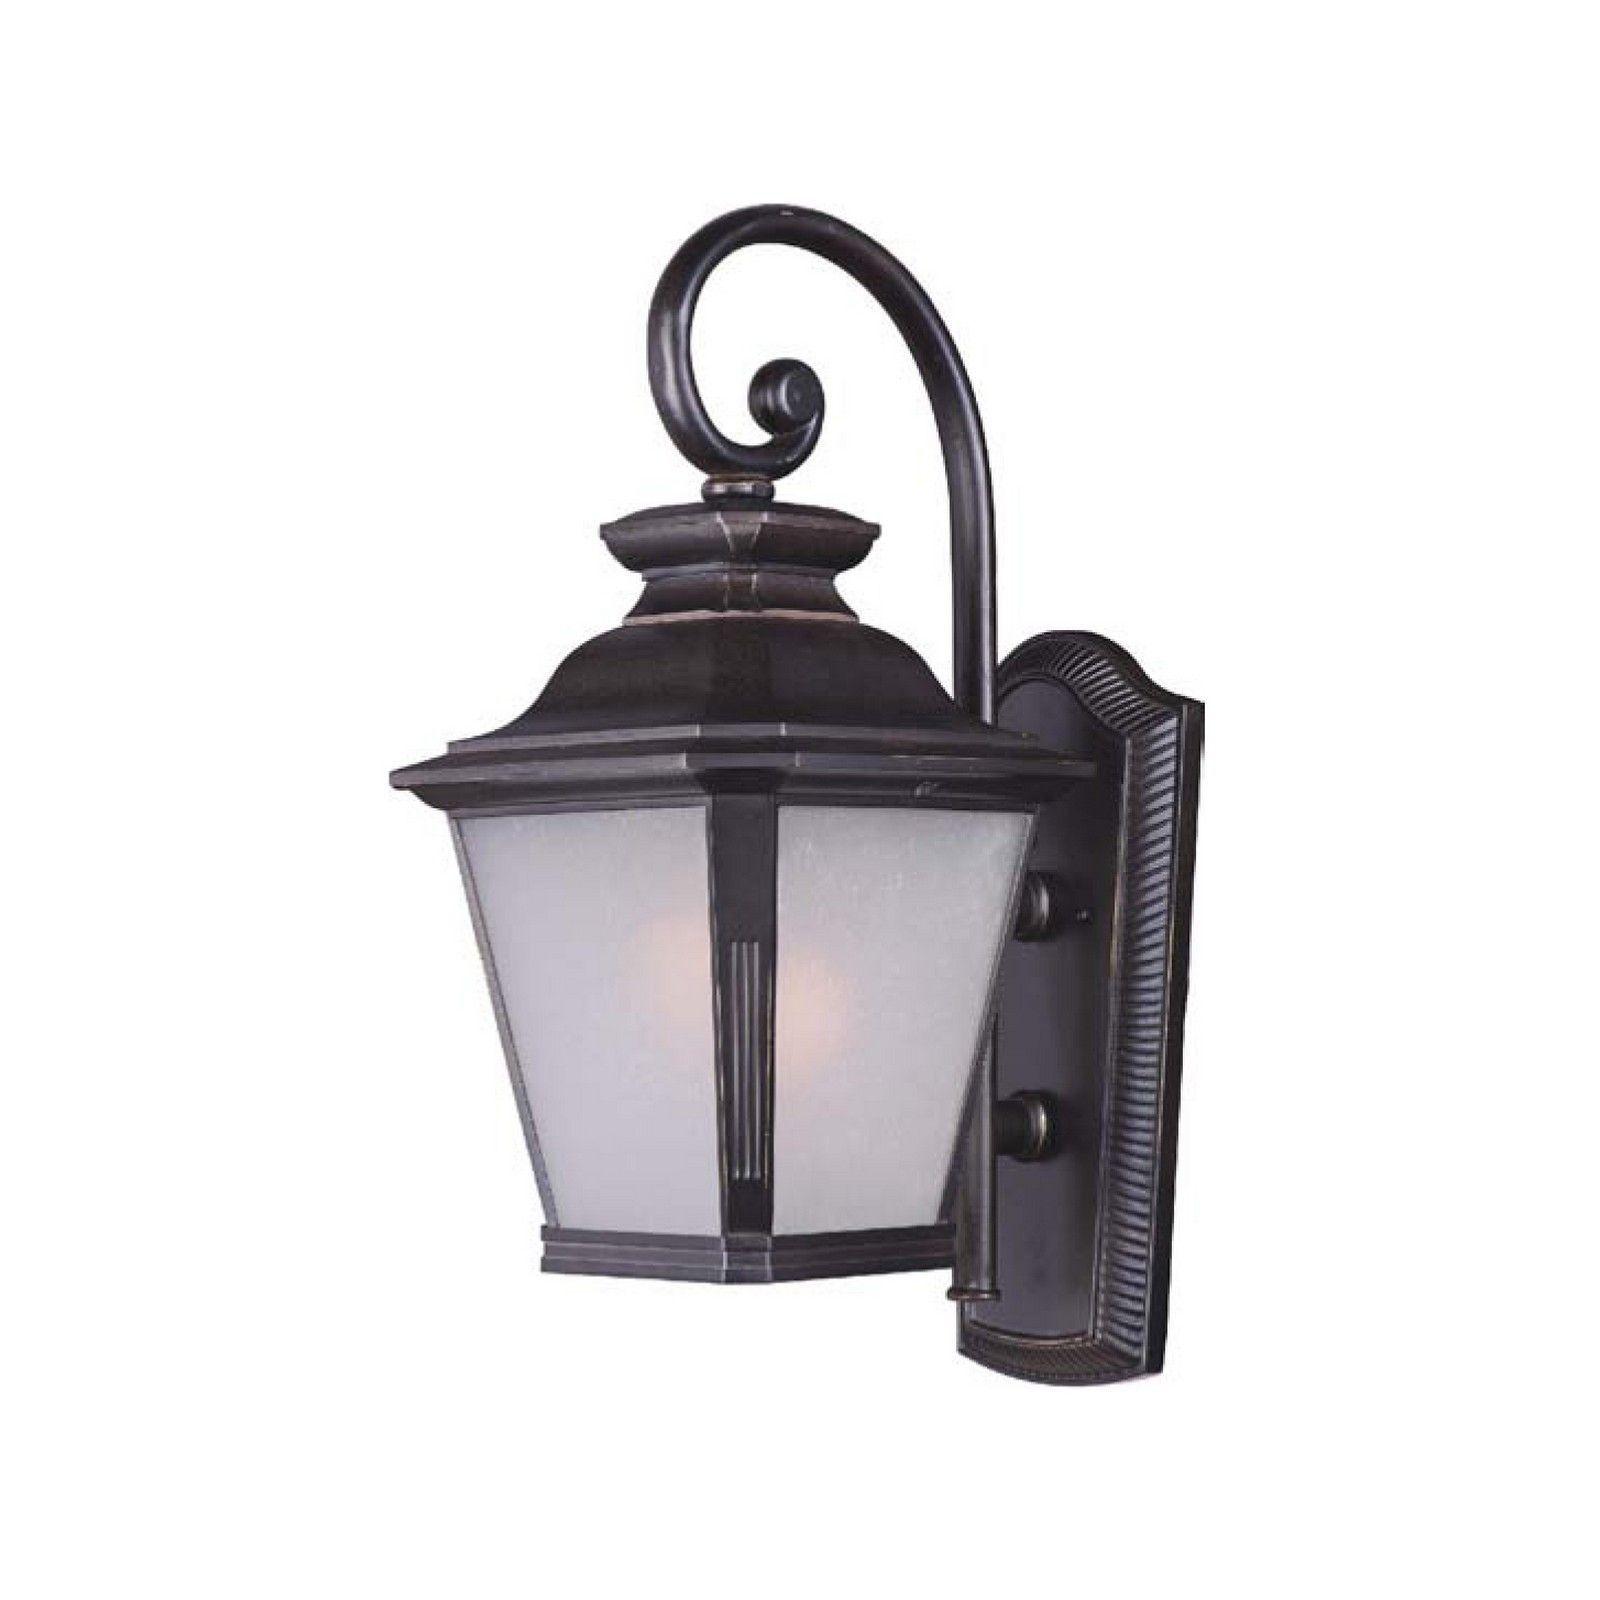 Maxim bronze shade knoxville light outdoor wall mount light